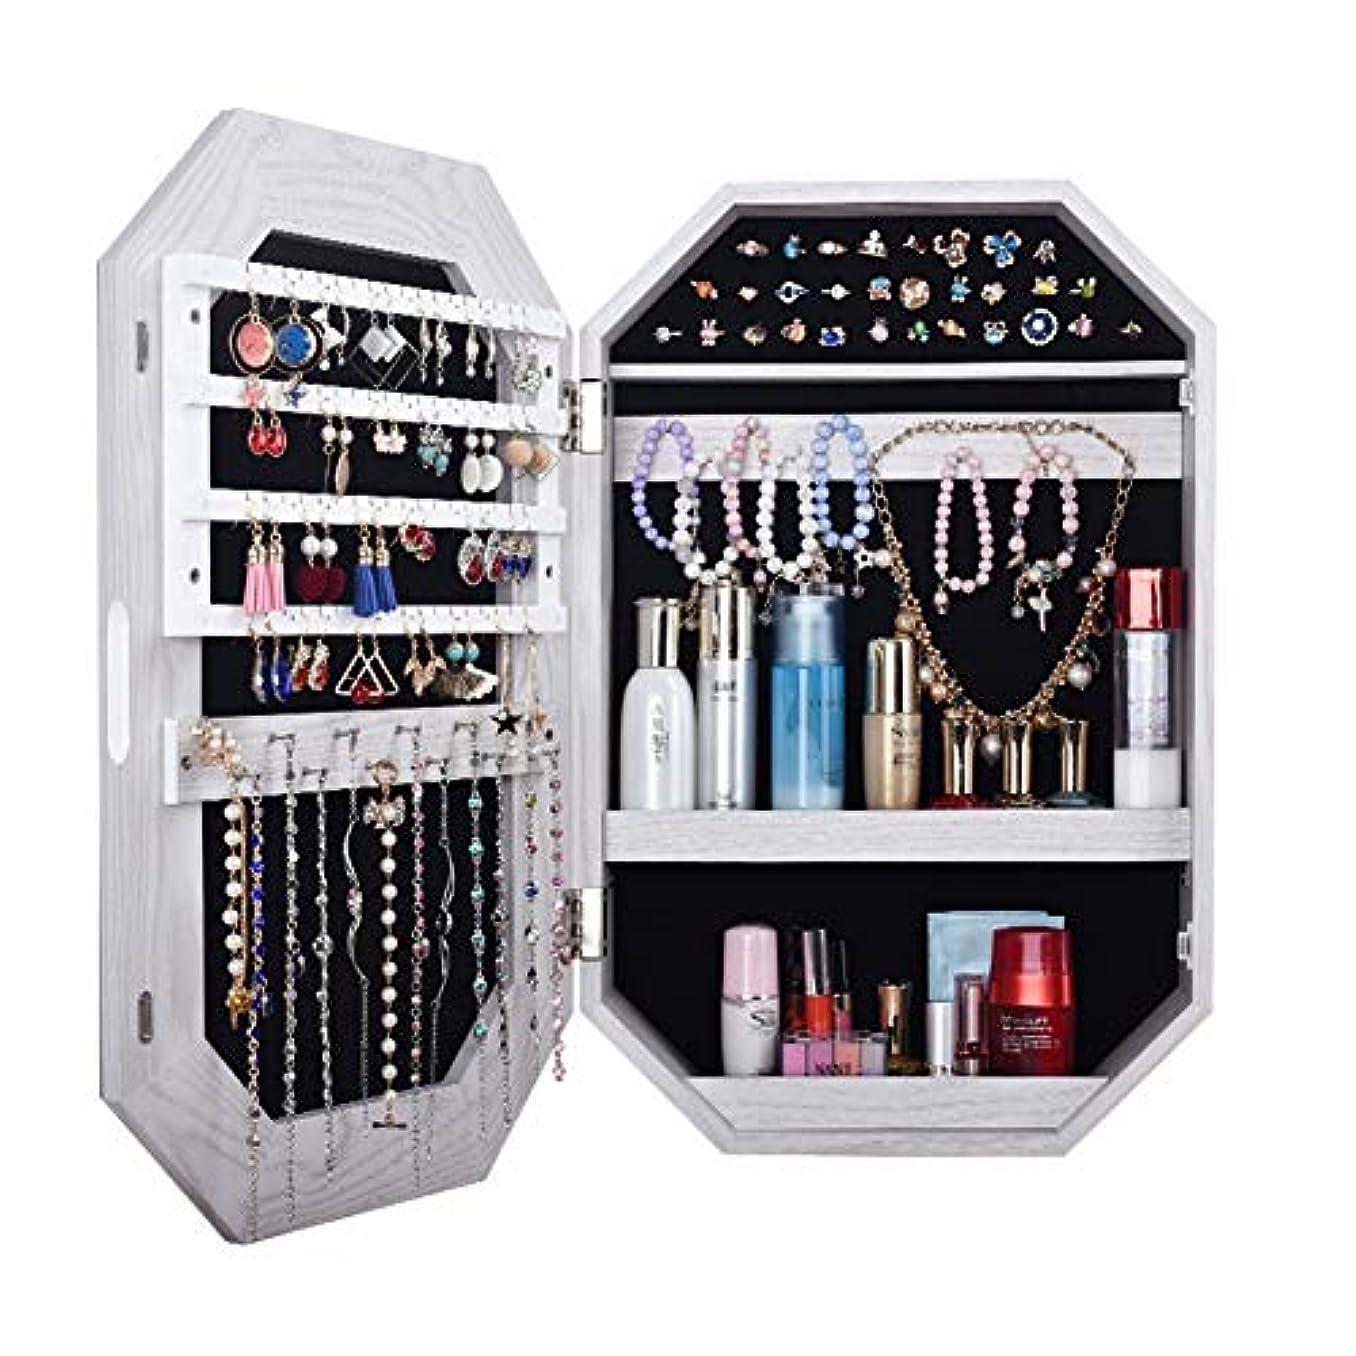 化粧品ホルダー、壁掛け化粧鏡、寝室浴室多機能ストレージミラーキャビネット、木製家庭用スマートLedランプジュエリーキャビネットNayang Store